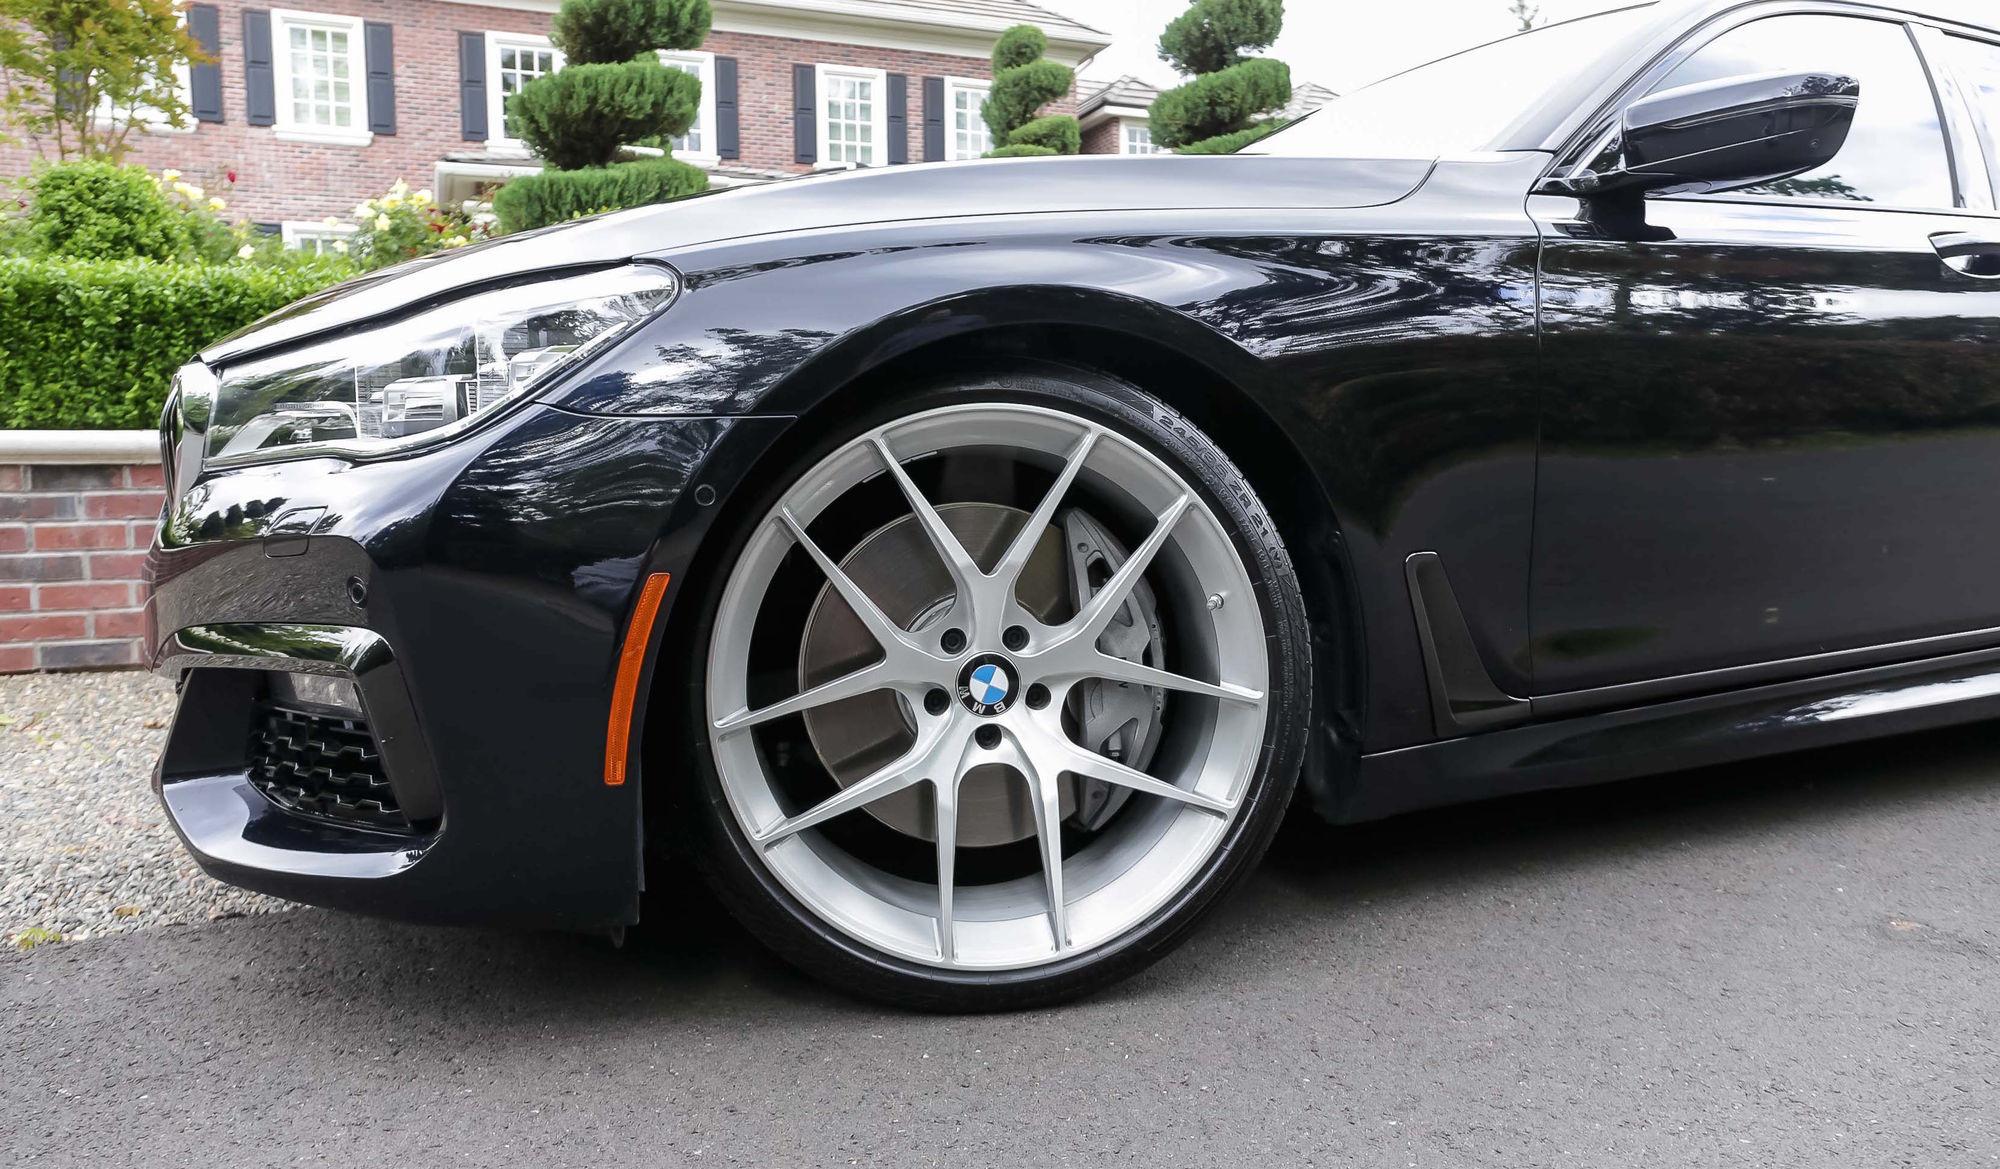 2017 BMW 7 Series | Adam's BMW M760i xDrive on Forgeline One Piece Forged Monoblock VX1 Wheels